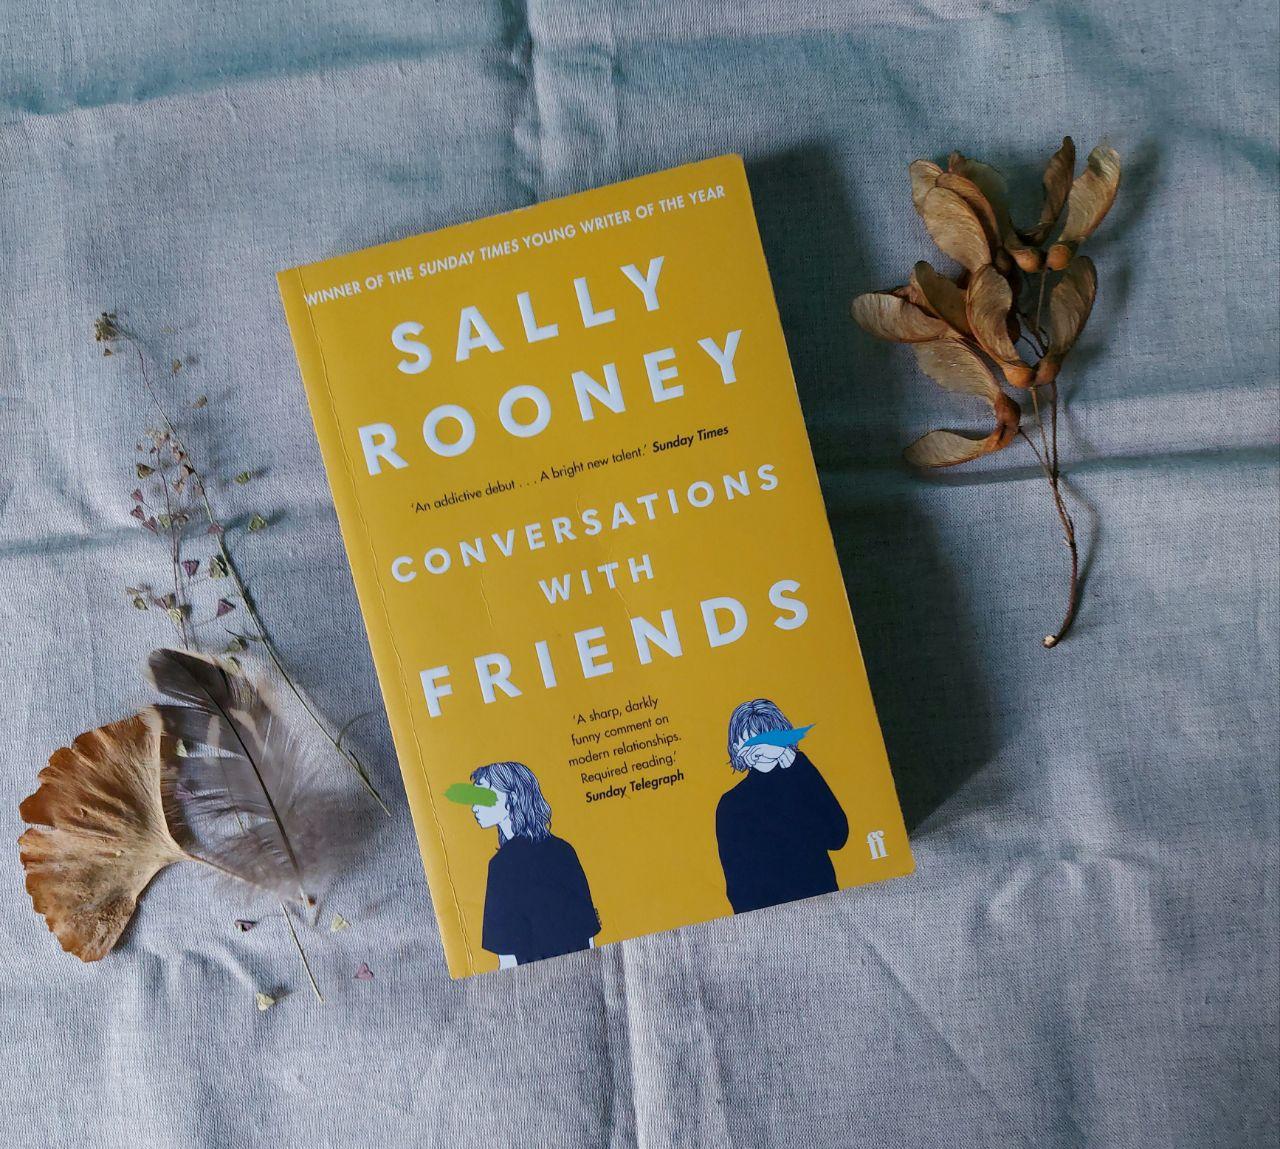 Книга Салли Руни «Разговоры с друзьями» вышла в этом месяце на русском языке...